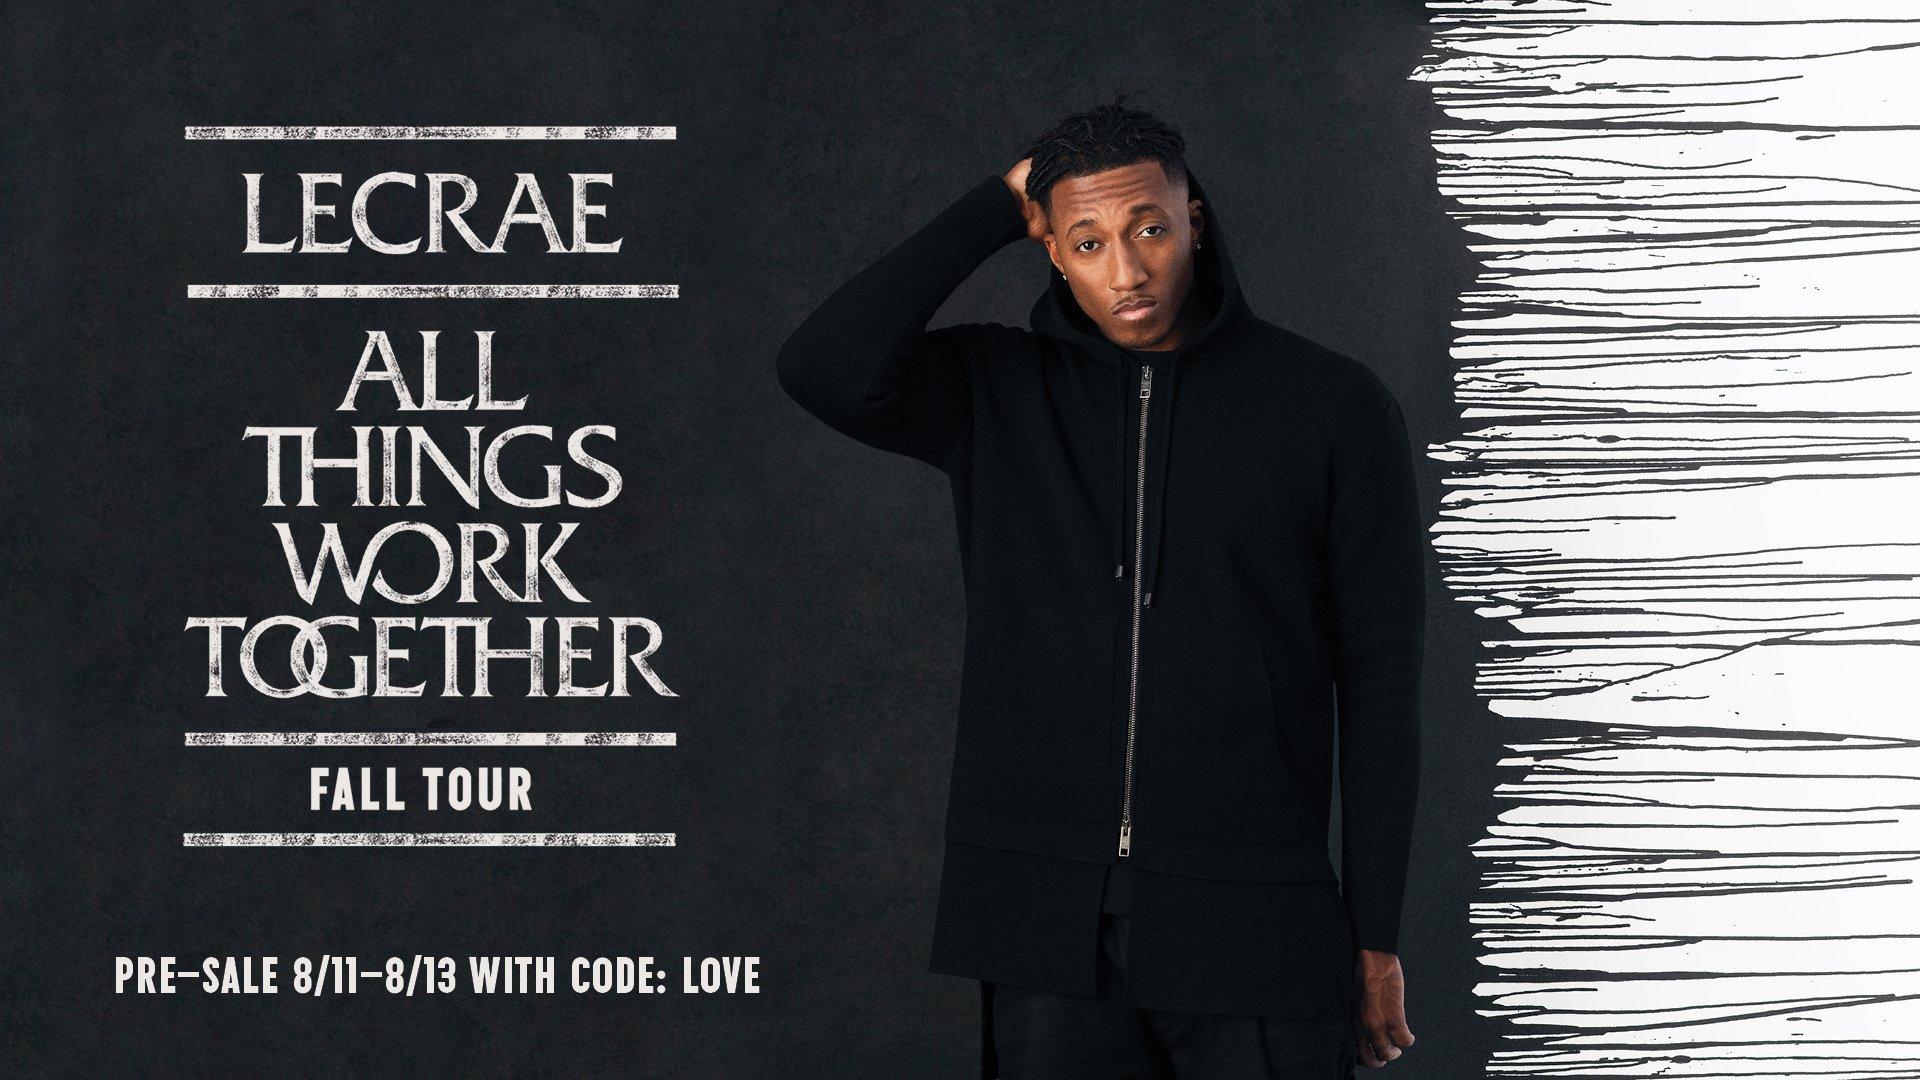 Lecrae_ATWT_Tour.jpg